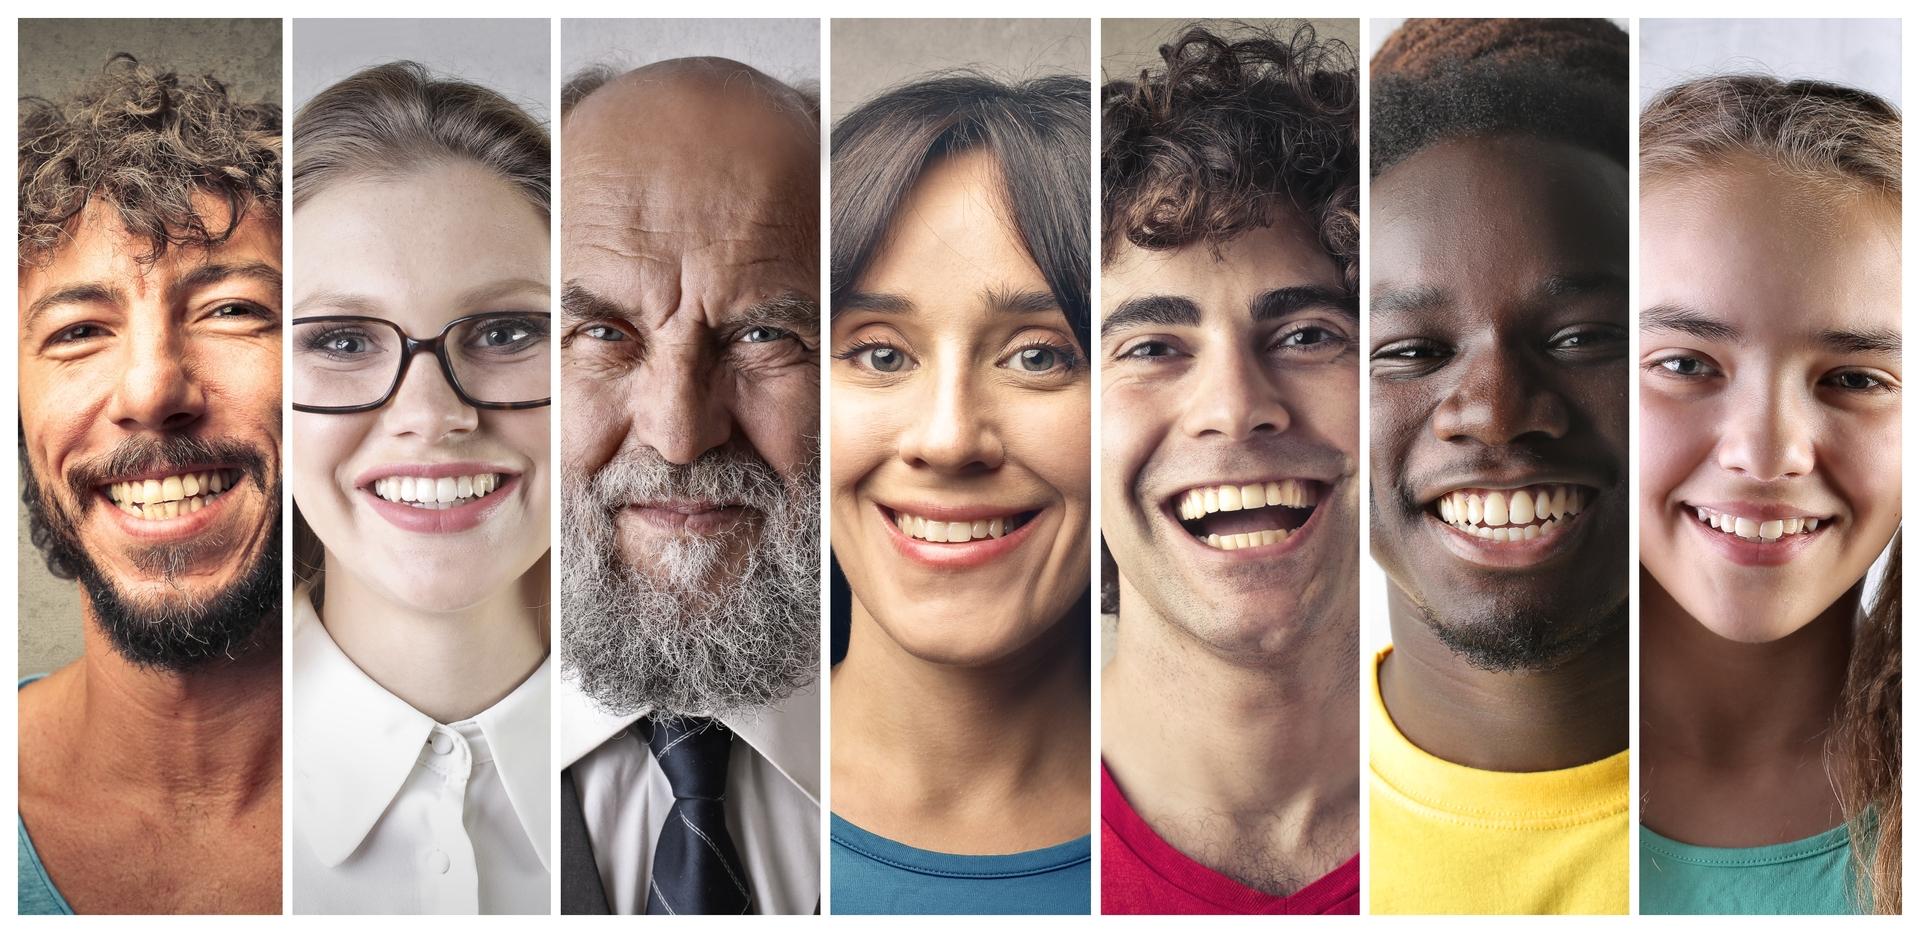 Menschen mit lachenden Gesichtern